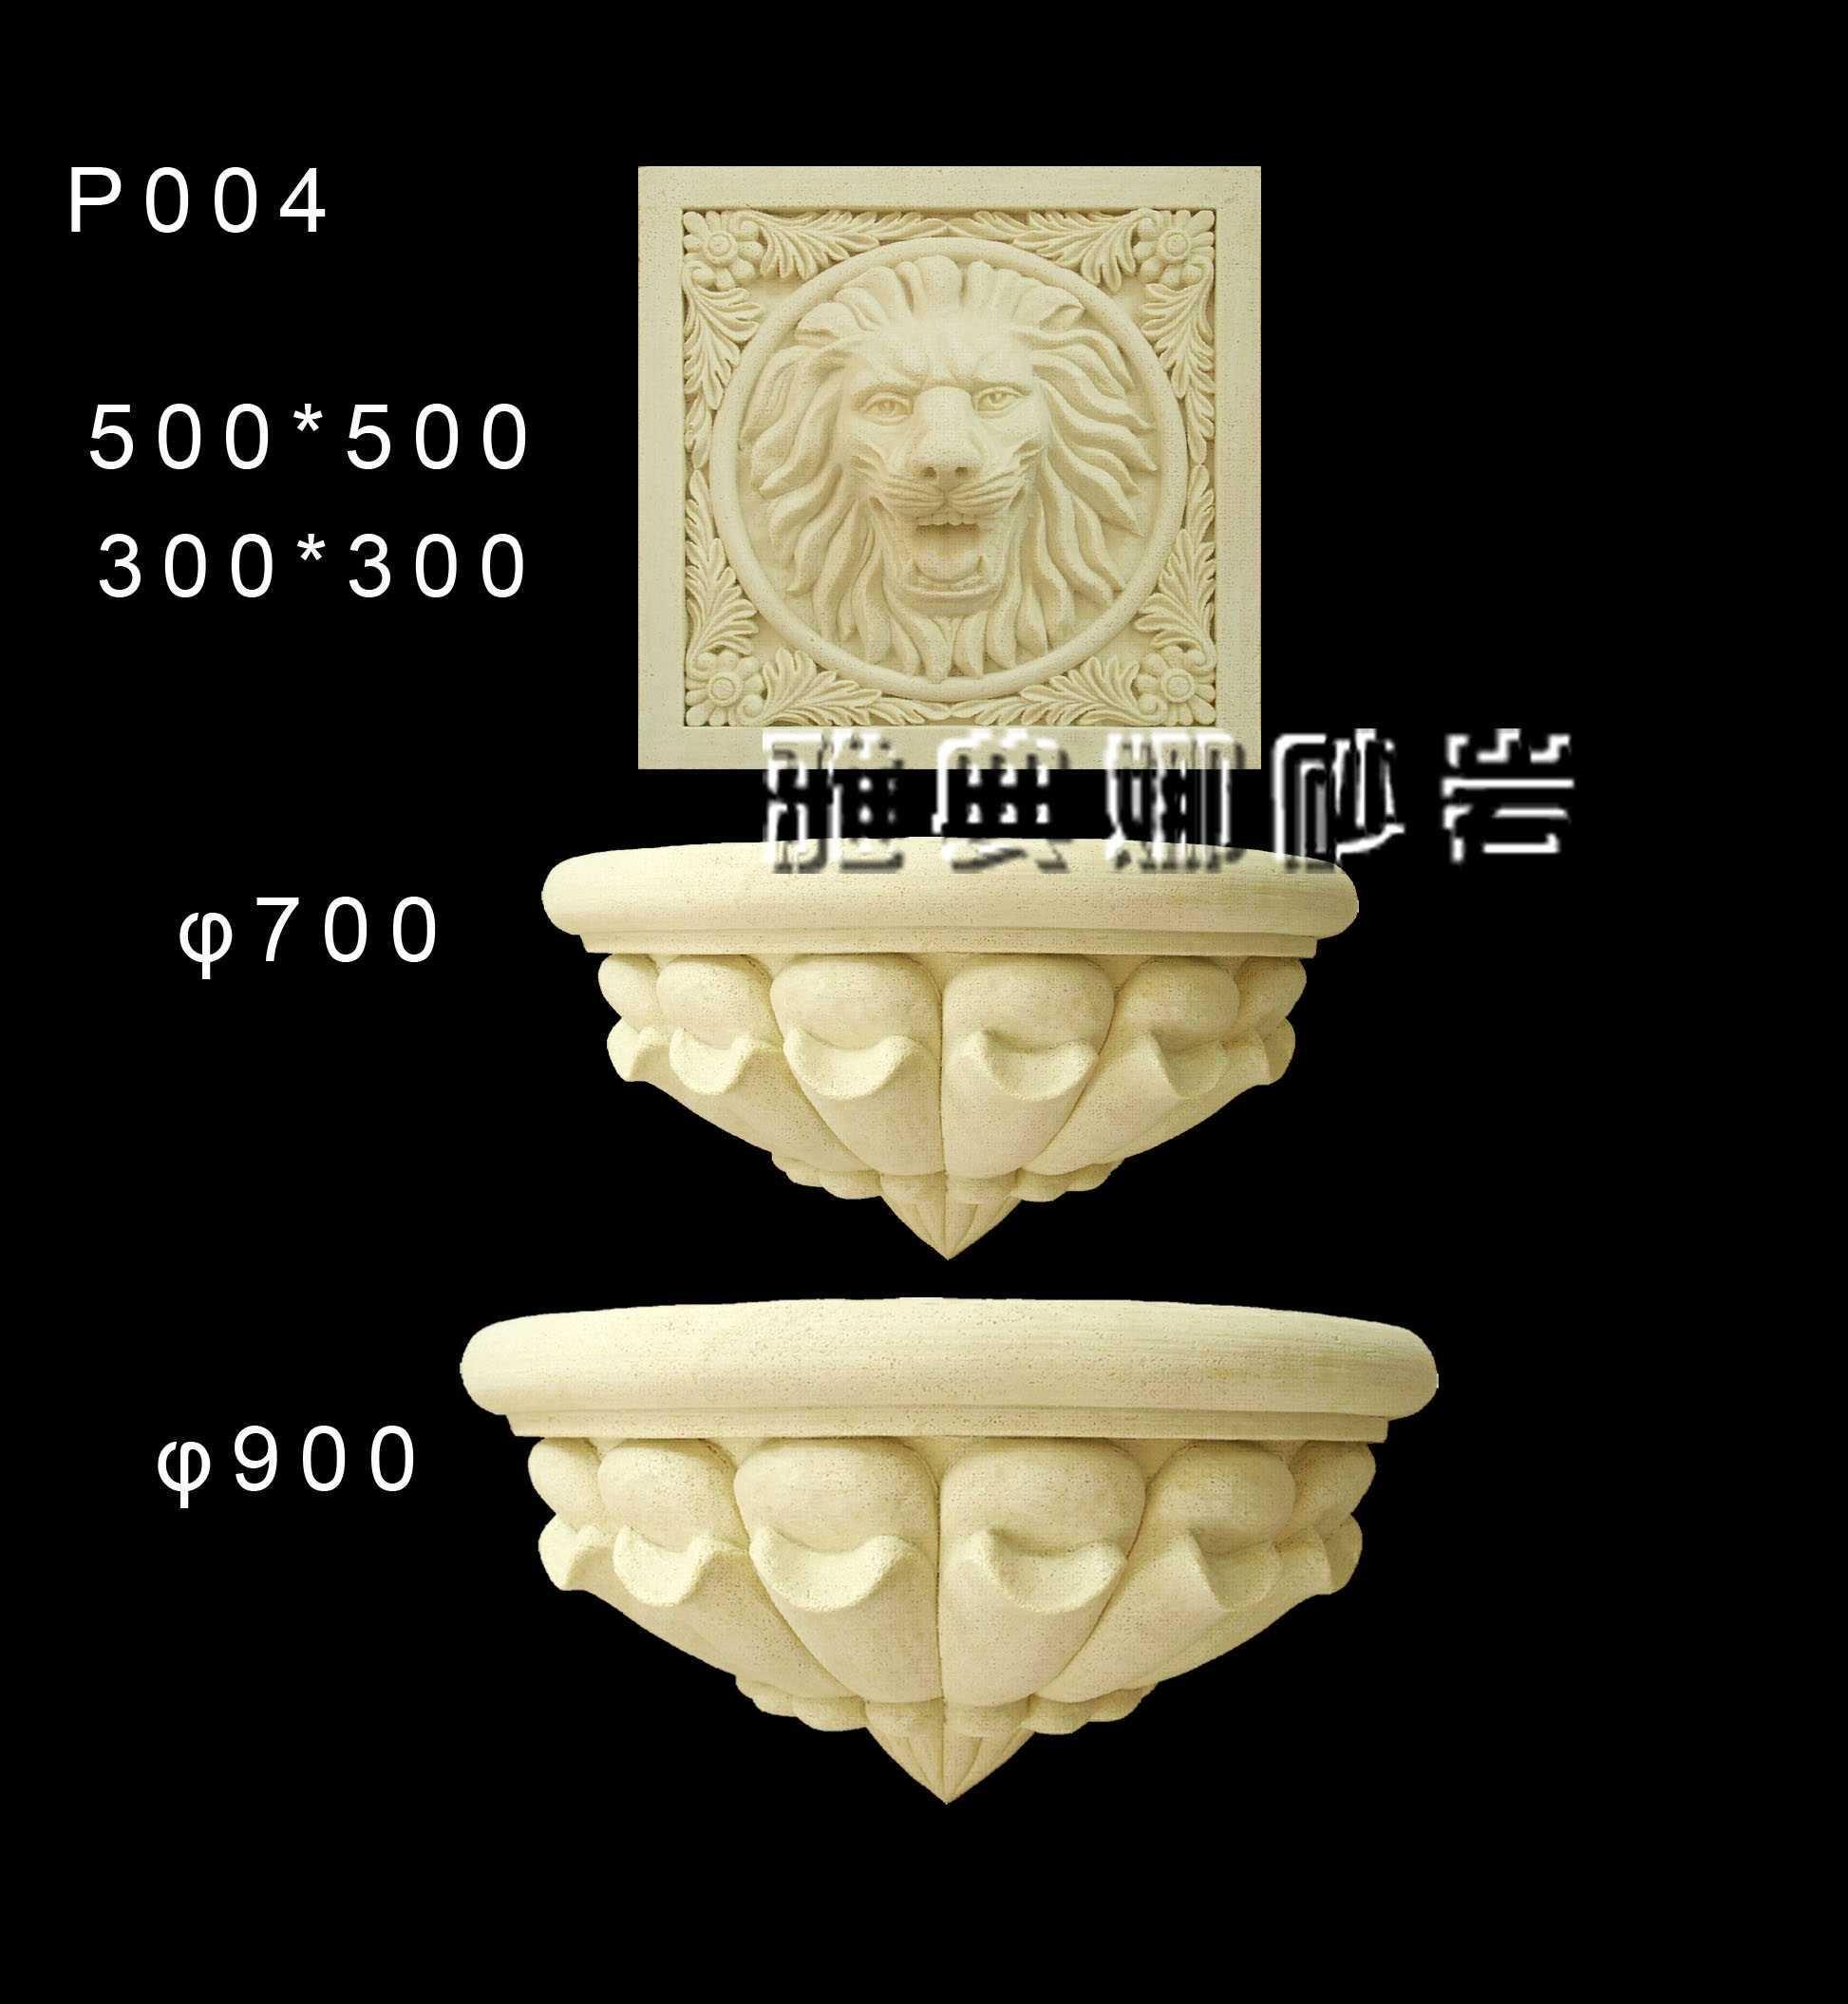 喷泉铺装广场_广场景观社会实景图广场广场铺装喷泉水景桌